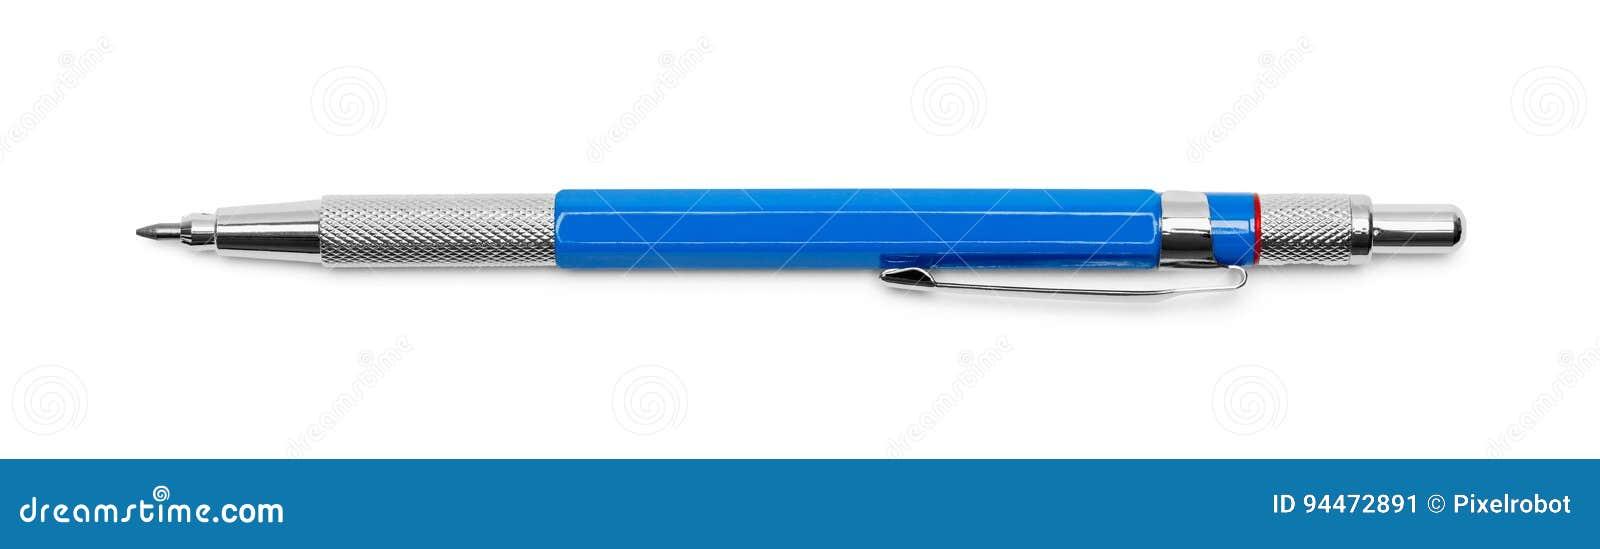 Σύνταξη μολυβιών